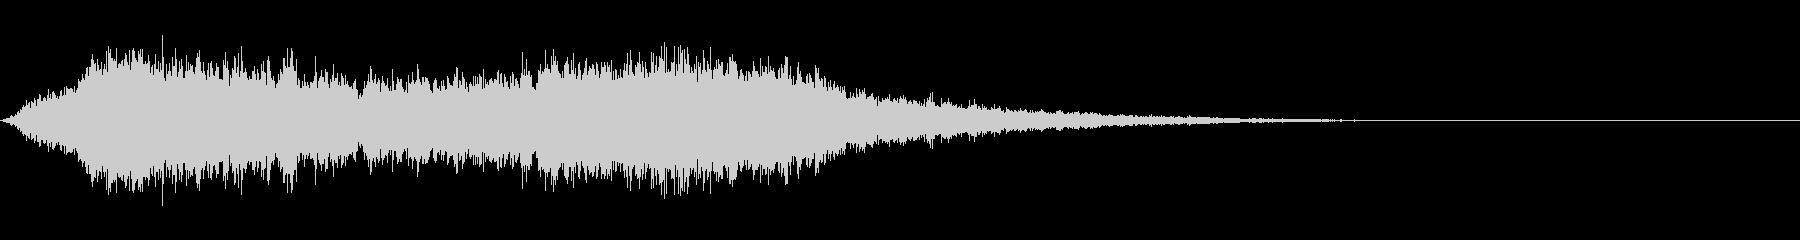 シューッという音EC07_91_3 2の未再生の波形